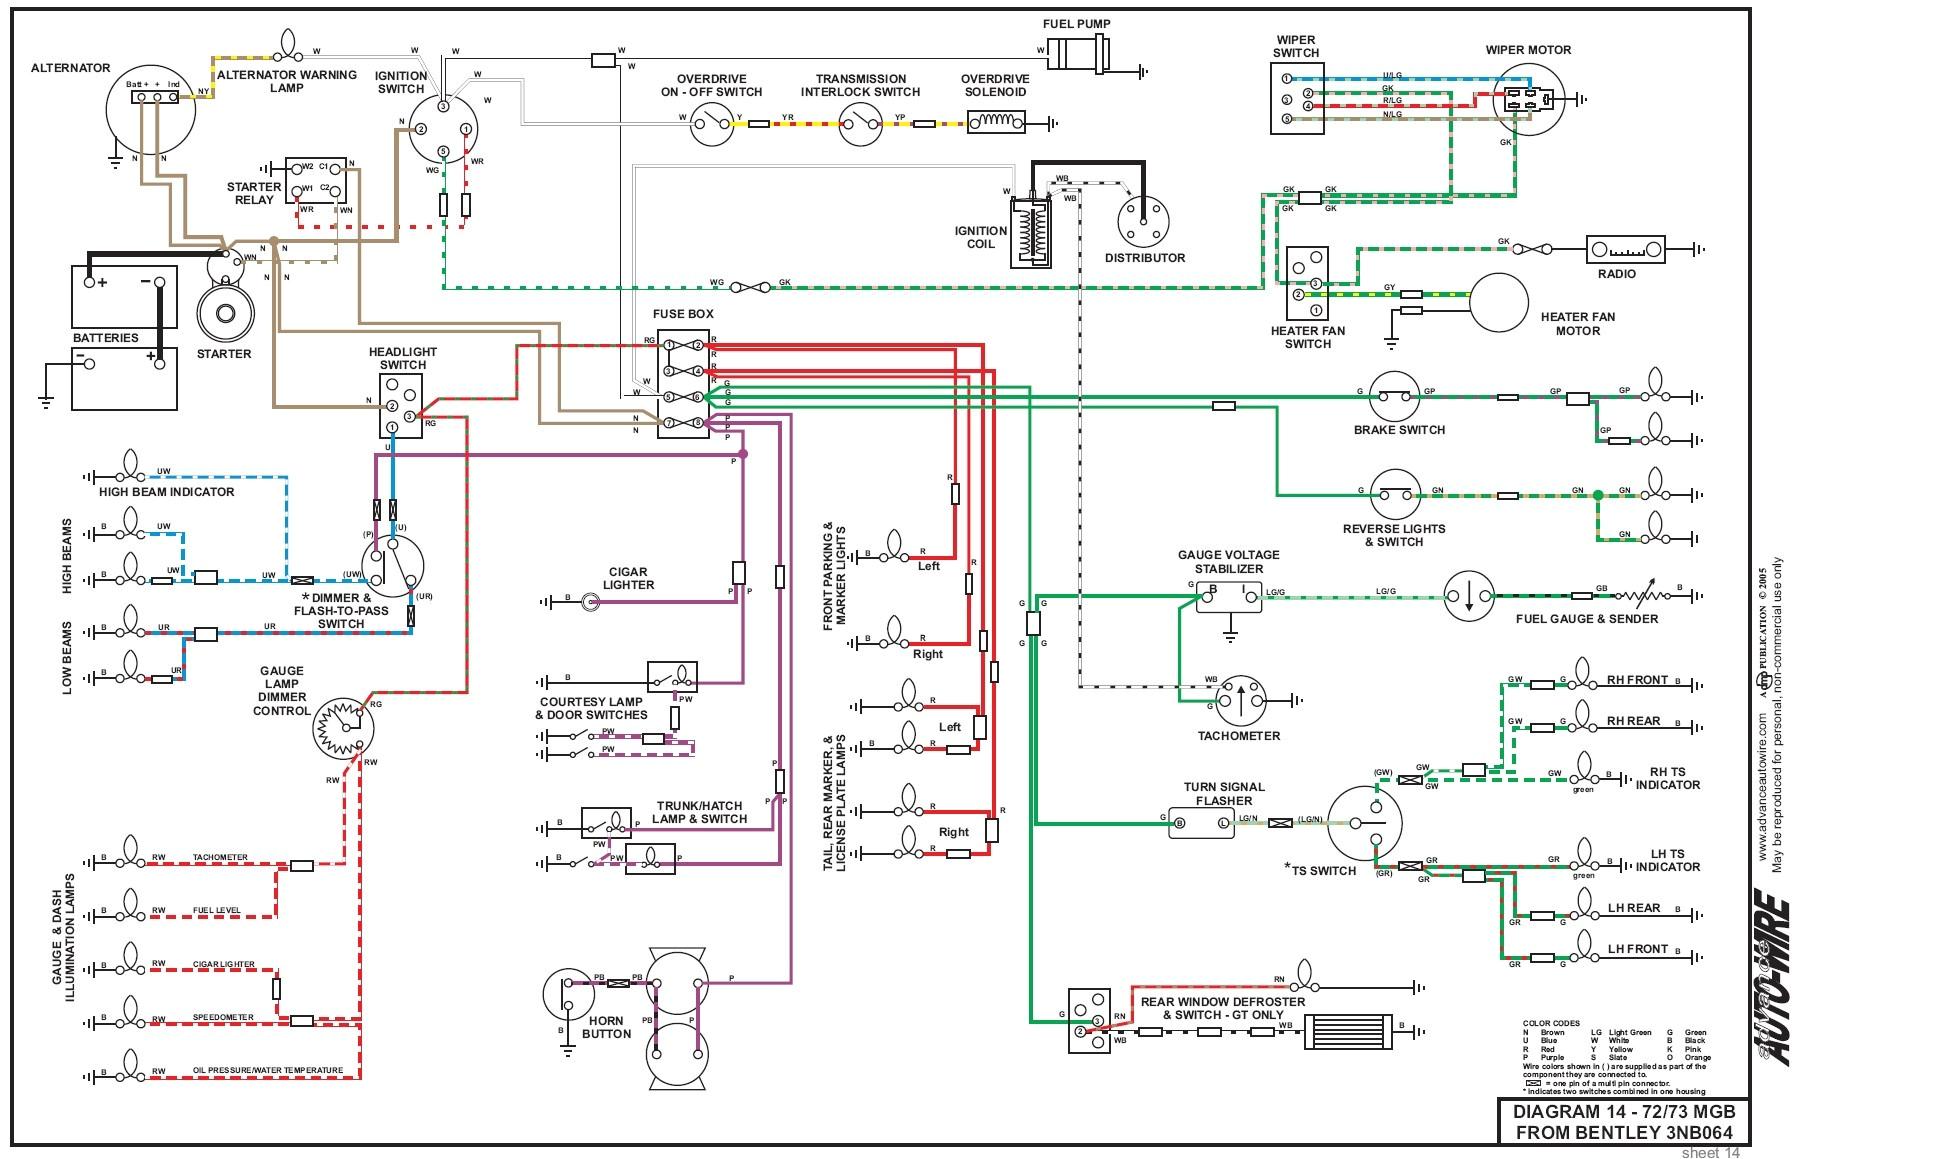 72 mgb wiring diagram free download schematic wiring diagrams second 72 mgb wiring diagram free download schematic